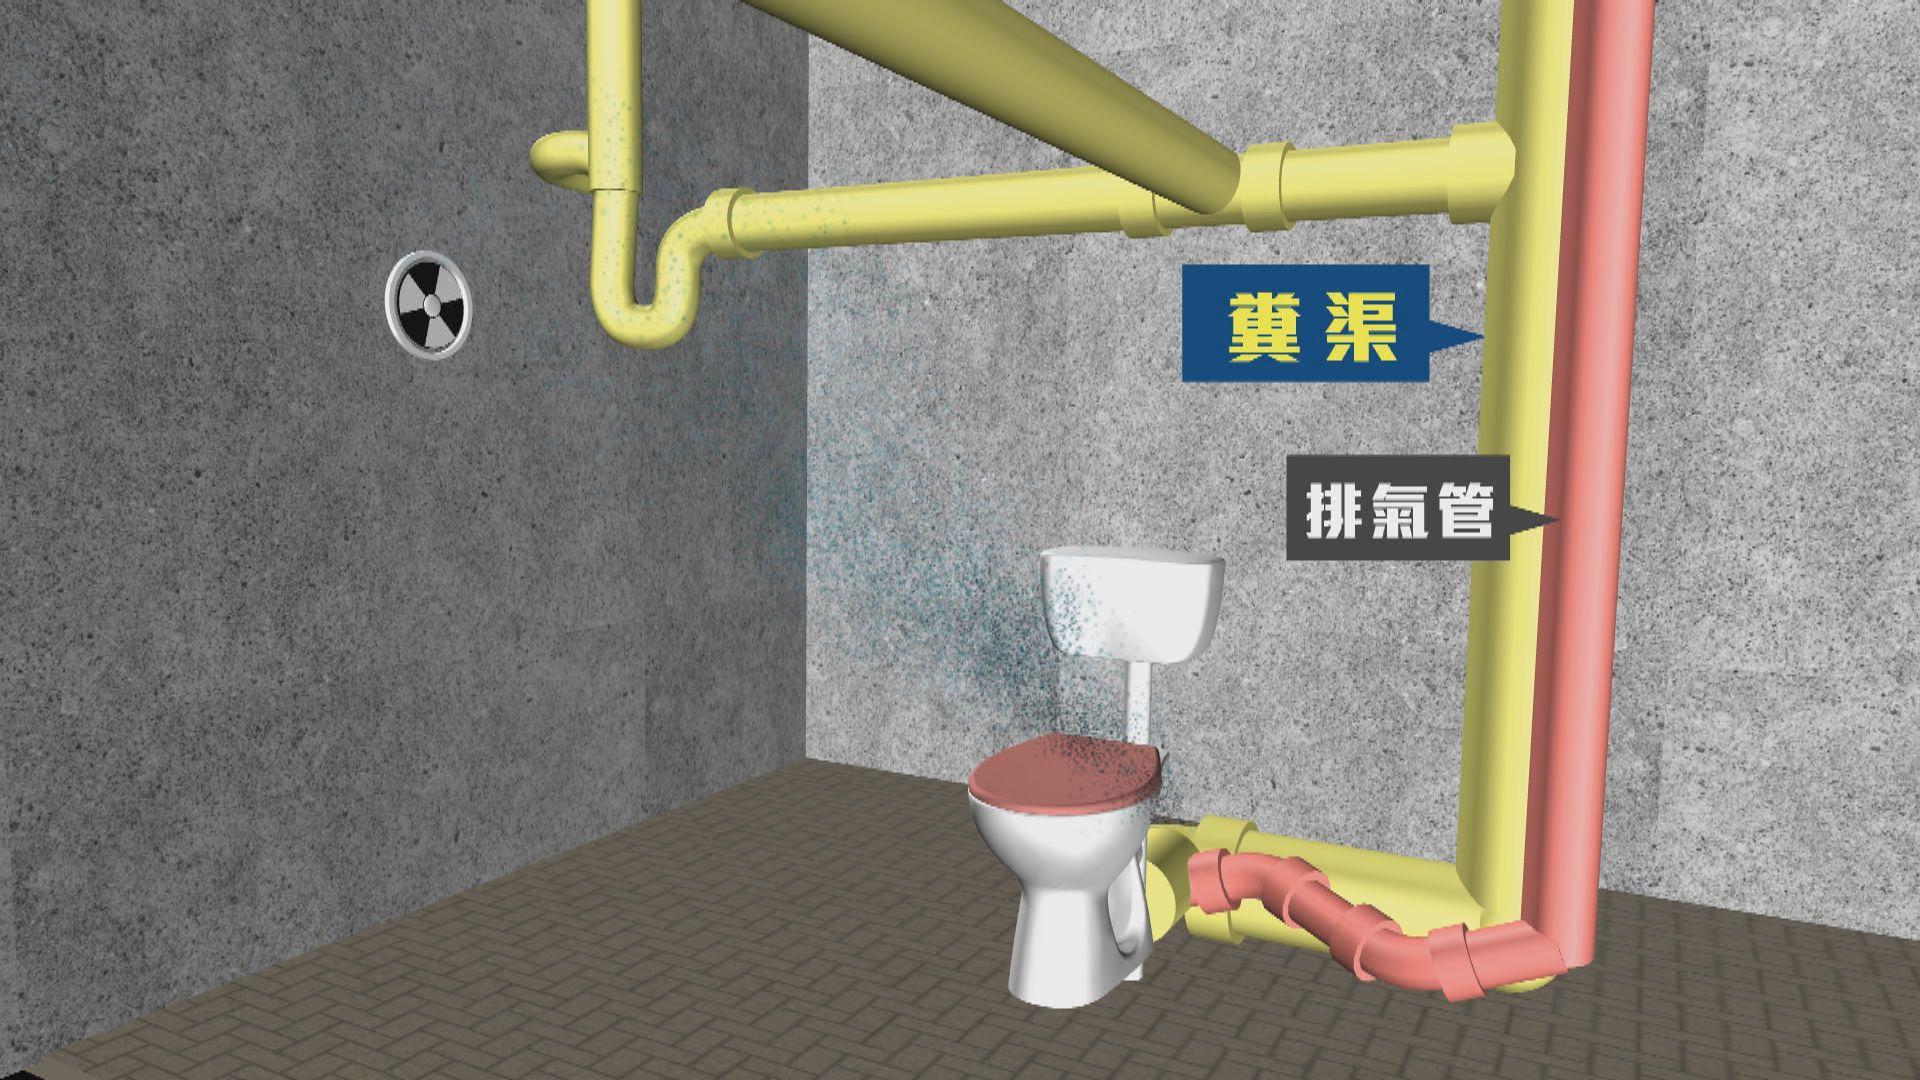 康美樓07室單位廁所內糞渠及排氣管外露